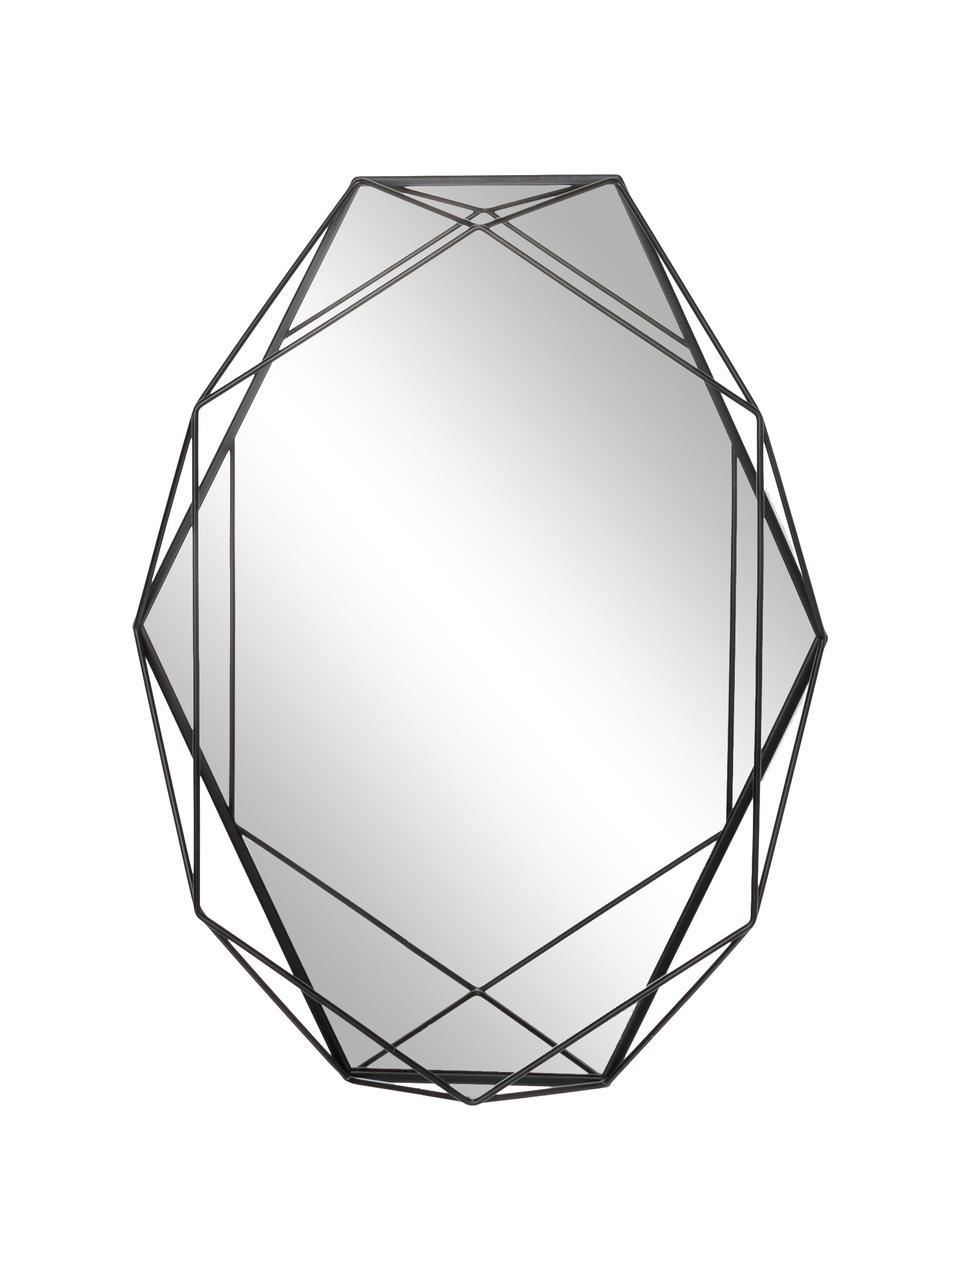 Specchio da parete con cornice in metallo Prisma, Cornice: acciaio verniciato, Superficie dello specchio: lastra di vetro, Nero, Larg. 43 x Alt. 57 cm